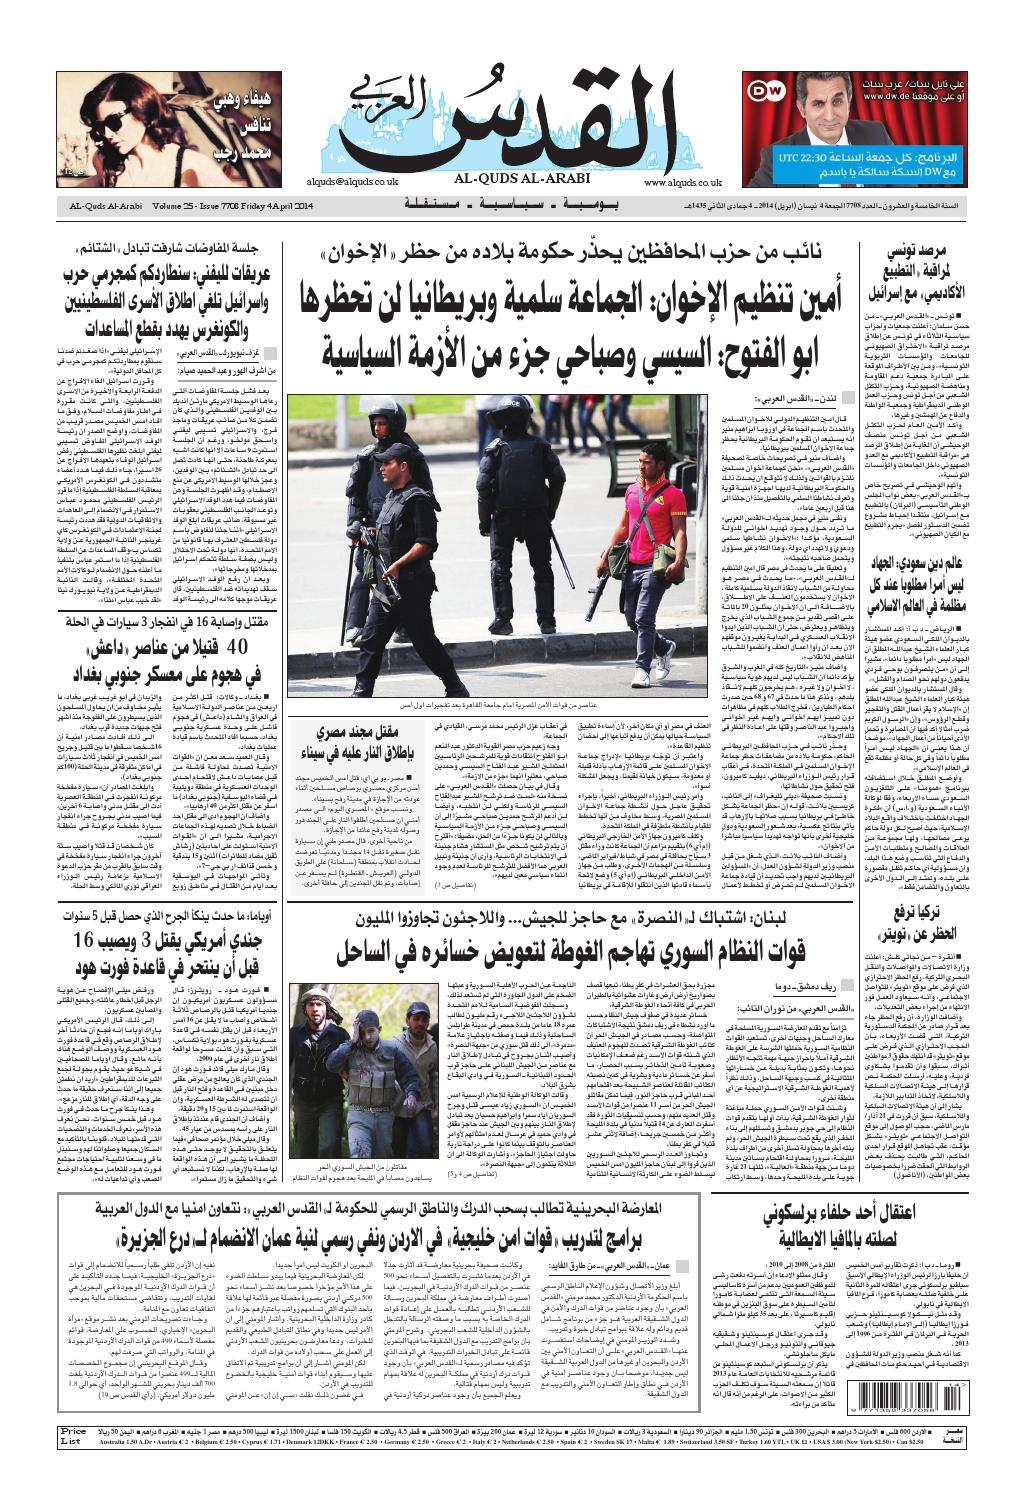 73242db82 صحيفة القدس العربي , الجمعة 04.04.2014 by مركز الحدث - issuu